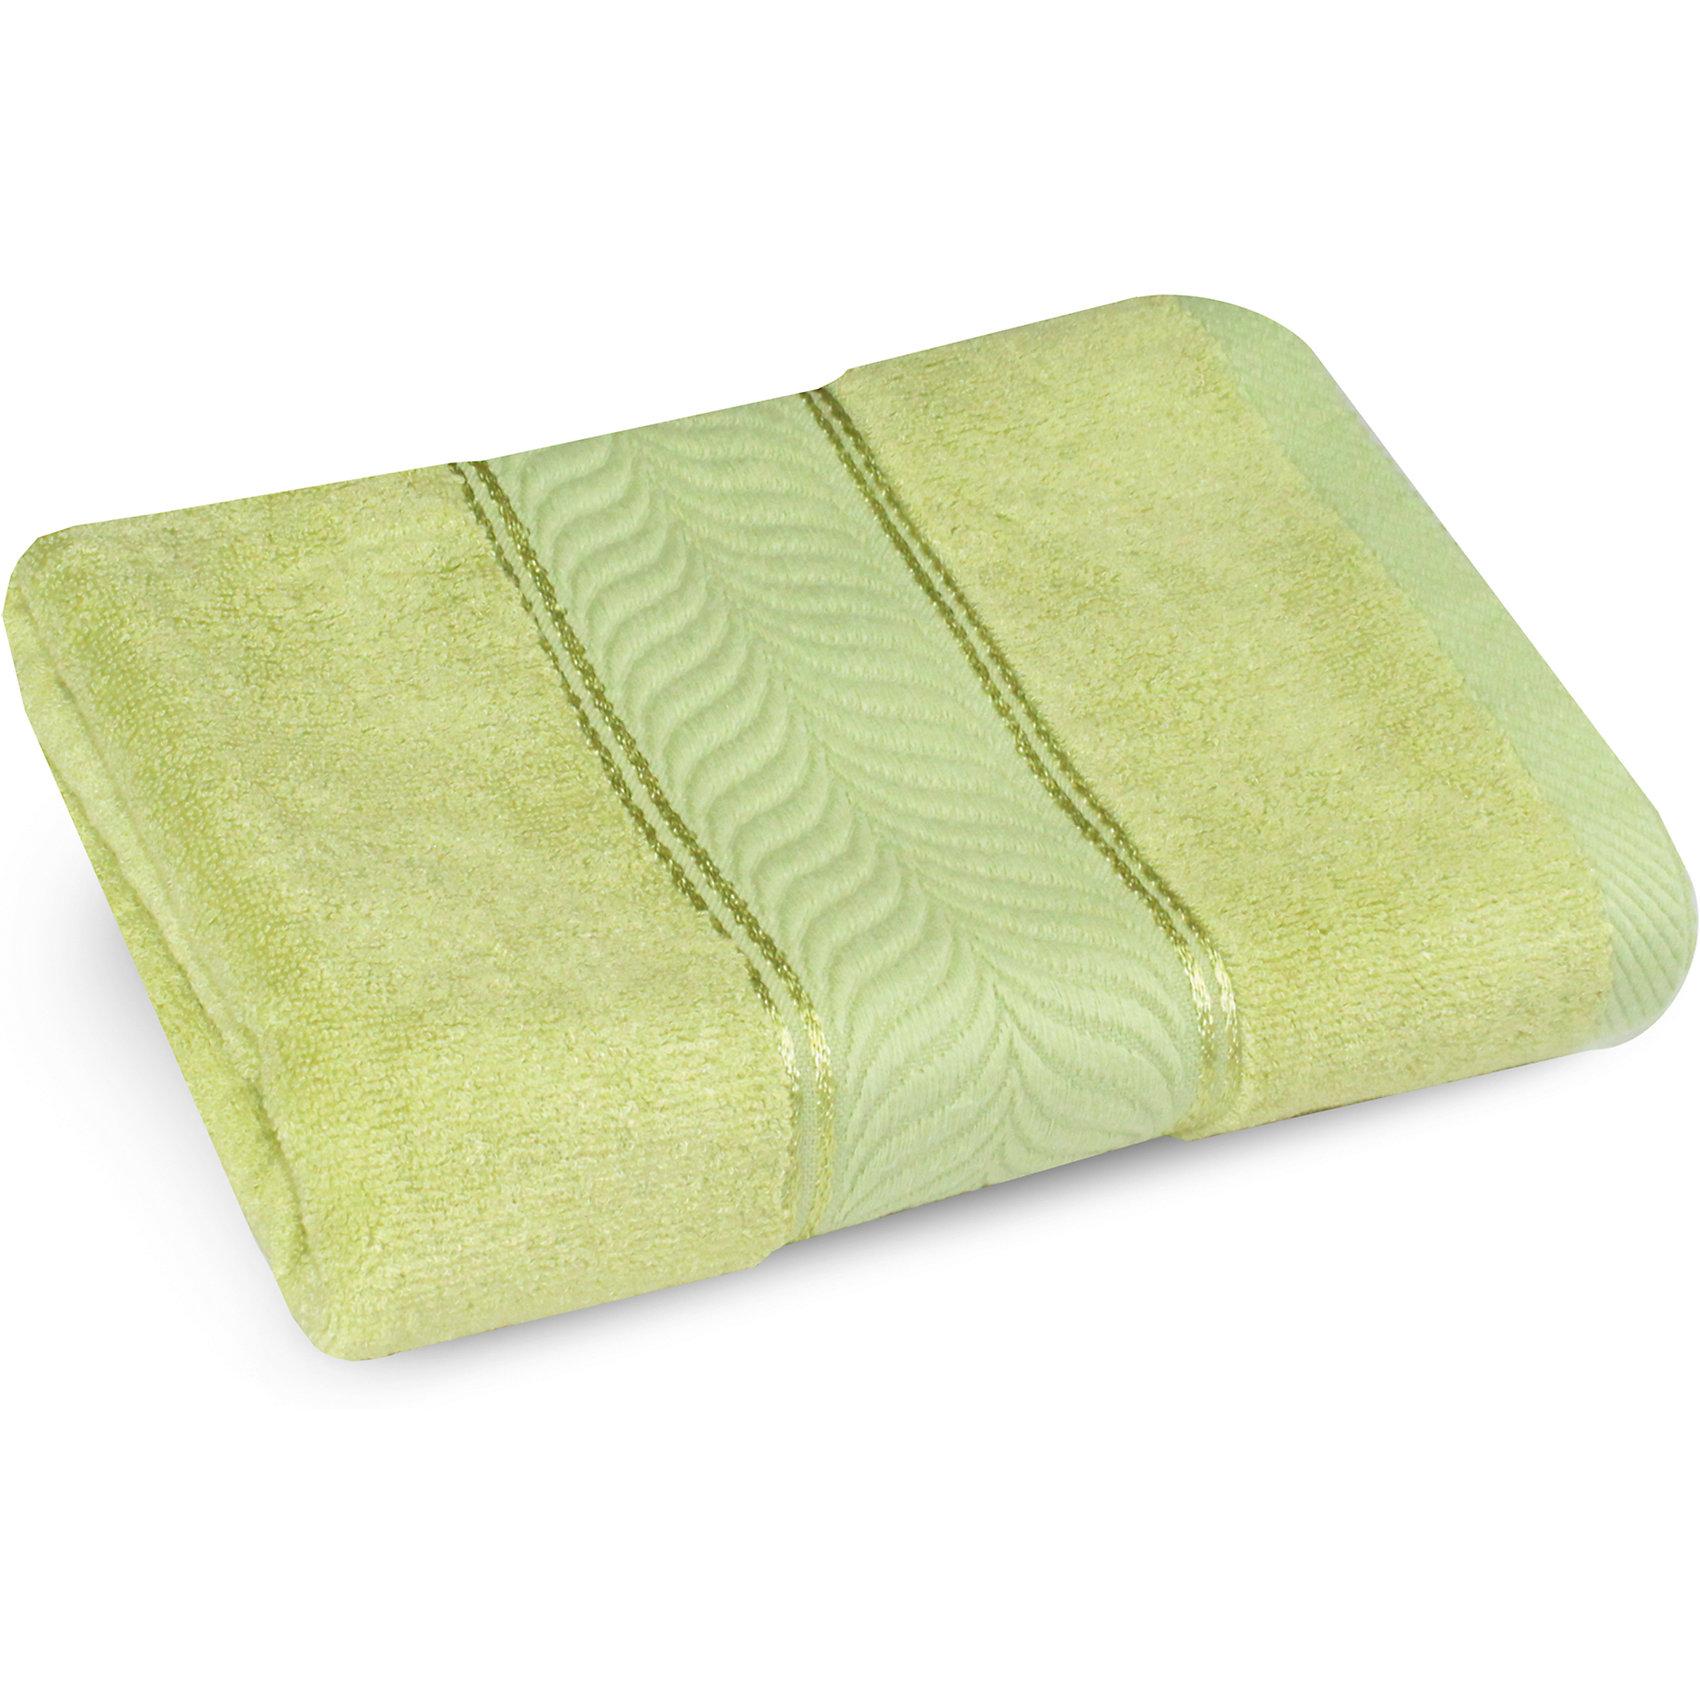 Полотенце махровое 50х100 Cozy Home бамбук, Cozy Home, зеленыйПолотенце махровое 50х100 бамбук, Cozy Home (Кози Хоум), зеленый<br><br>Характеристики:<br><br>• быстро впитывает влагу<br>• препятствует размножению бактерий<br>• легко отстирывается<br>• размер: 50х100 см<br>• материал: бамбук<br>• бордюр: вискоза<br>• цвет: зеленый<br><br>Махровое полотенце от Cozy Home изготовлено из экологически чистого материала - бамбука. Оно быстро впитывает большое количество влаги. При этом бамбуковые волокна препятствуют размножению микробов и бактерий. Полотенце очень приятно на ощупь, а также не вызывает раздражения на коже. Оно отлично подойдет даже для новорожденных. Полотенце очень неприхотливо в уходе. Достаточно постирать его при температуре 30-40? или вручную с мылом. Приятный дизайн полотенца понравится каждому. Бордюр из вискозы придает полотенцу особенную нежность и изысканность. Это полотенце подарит вам комфорт и уют, радуя своей мягкостью.<br><br>Полотенце махровое 50х100 бамбук, Cozy Home (Кози Хоум), зеленый можно купить в нашем интернет-магазине.<br><br>Ширина мм: 150<br>Глубина мм: 250<br>Высота мм: 150<br>Вес г: 250<br>Возраст от месяцев: 0<br>Возраст до месяцев: 216<br>Пол: Унисекс<br>Возраст: Детский<br>SKU: 5355298